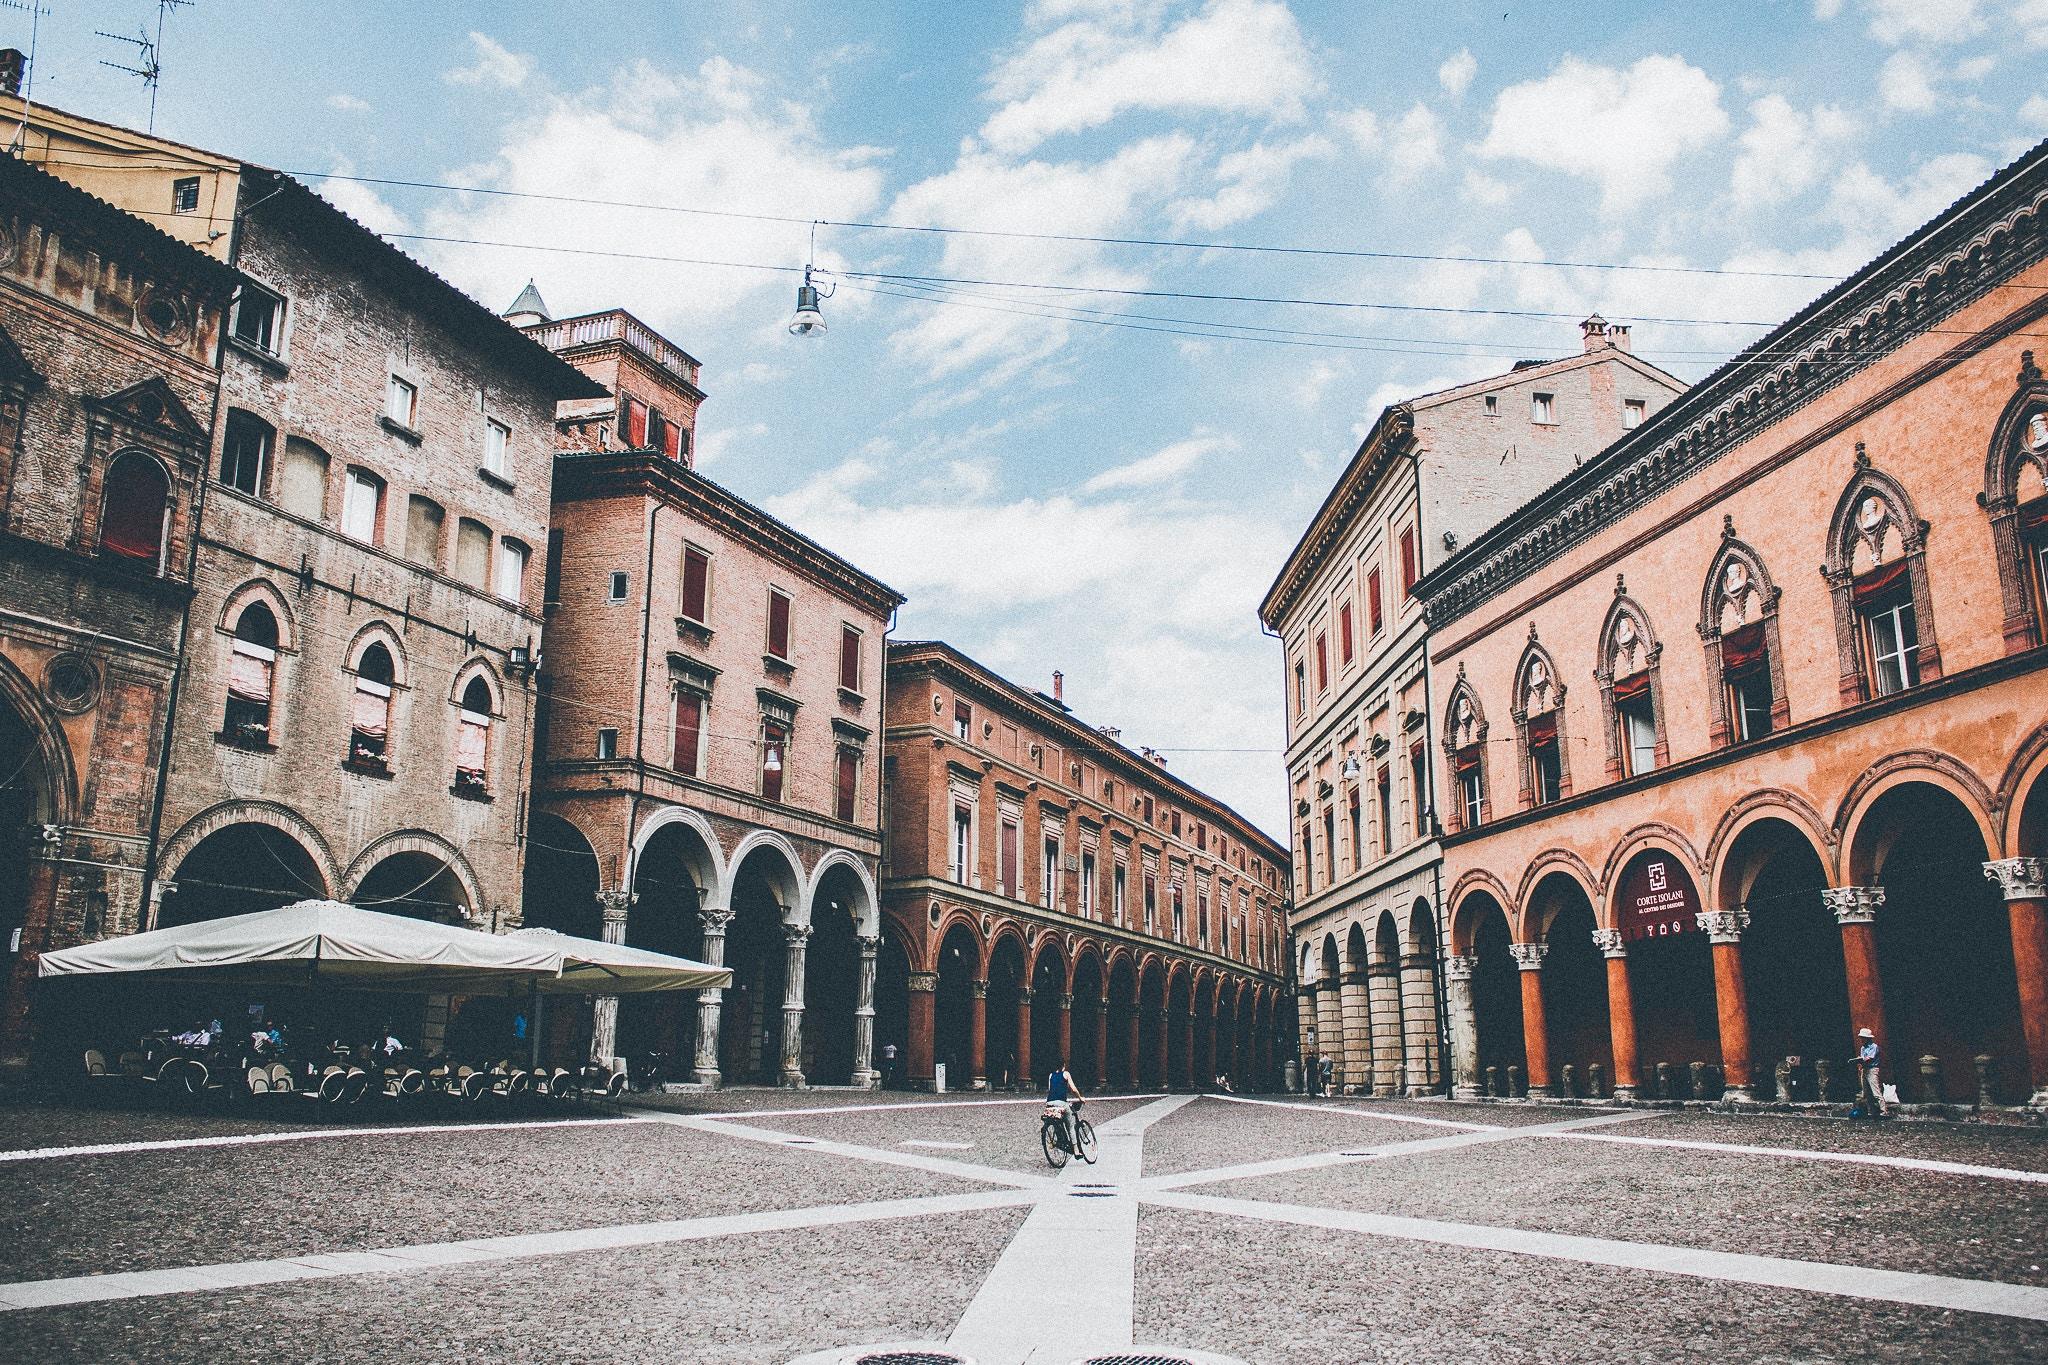 plaza_bolonia